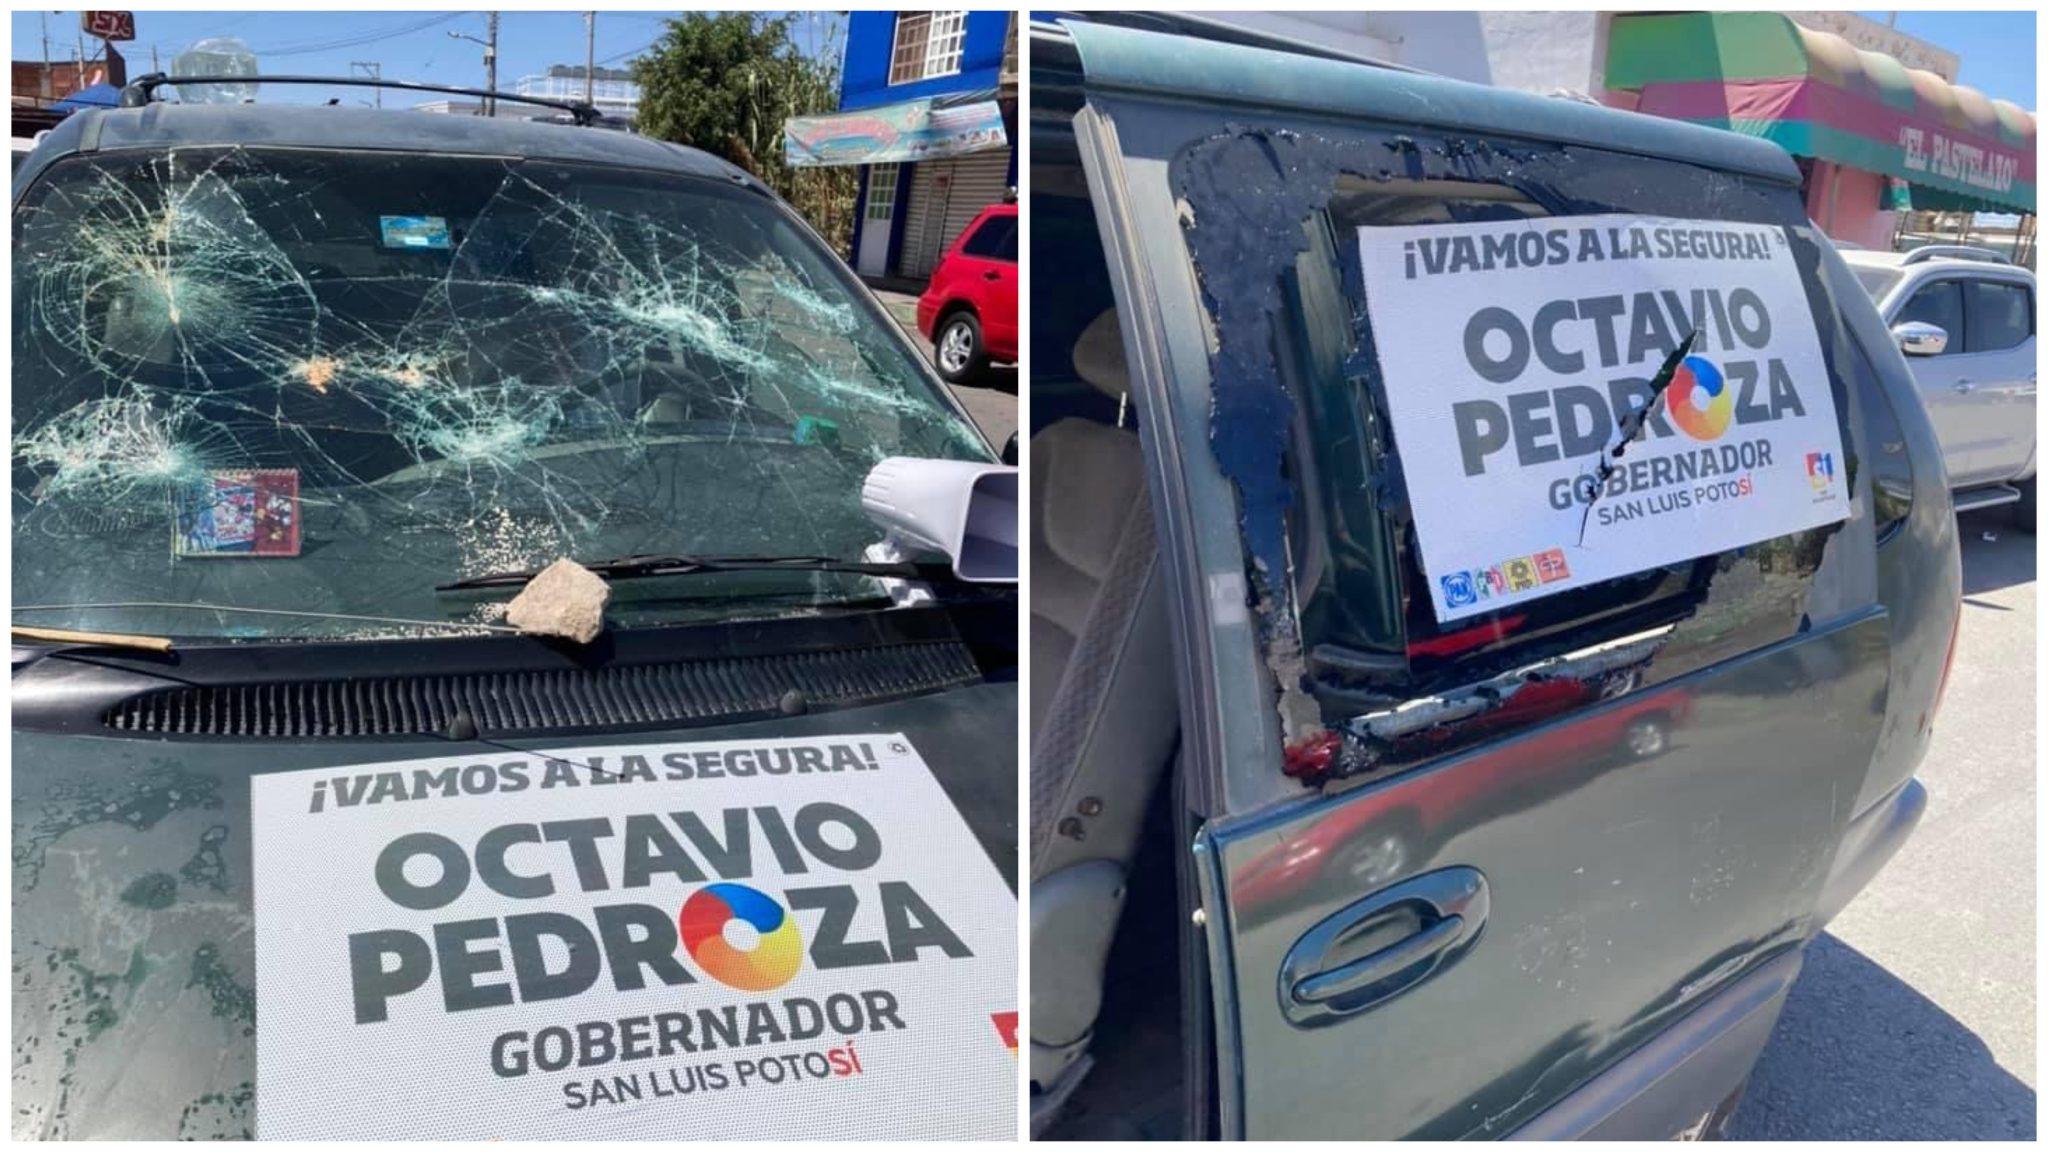 Fotos: Autoatentado? PAN condena supuesto atentado contra ellos en Soledad de Graciano Sánchez; San Luis Potosí